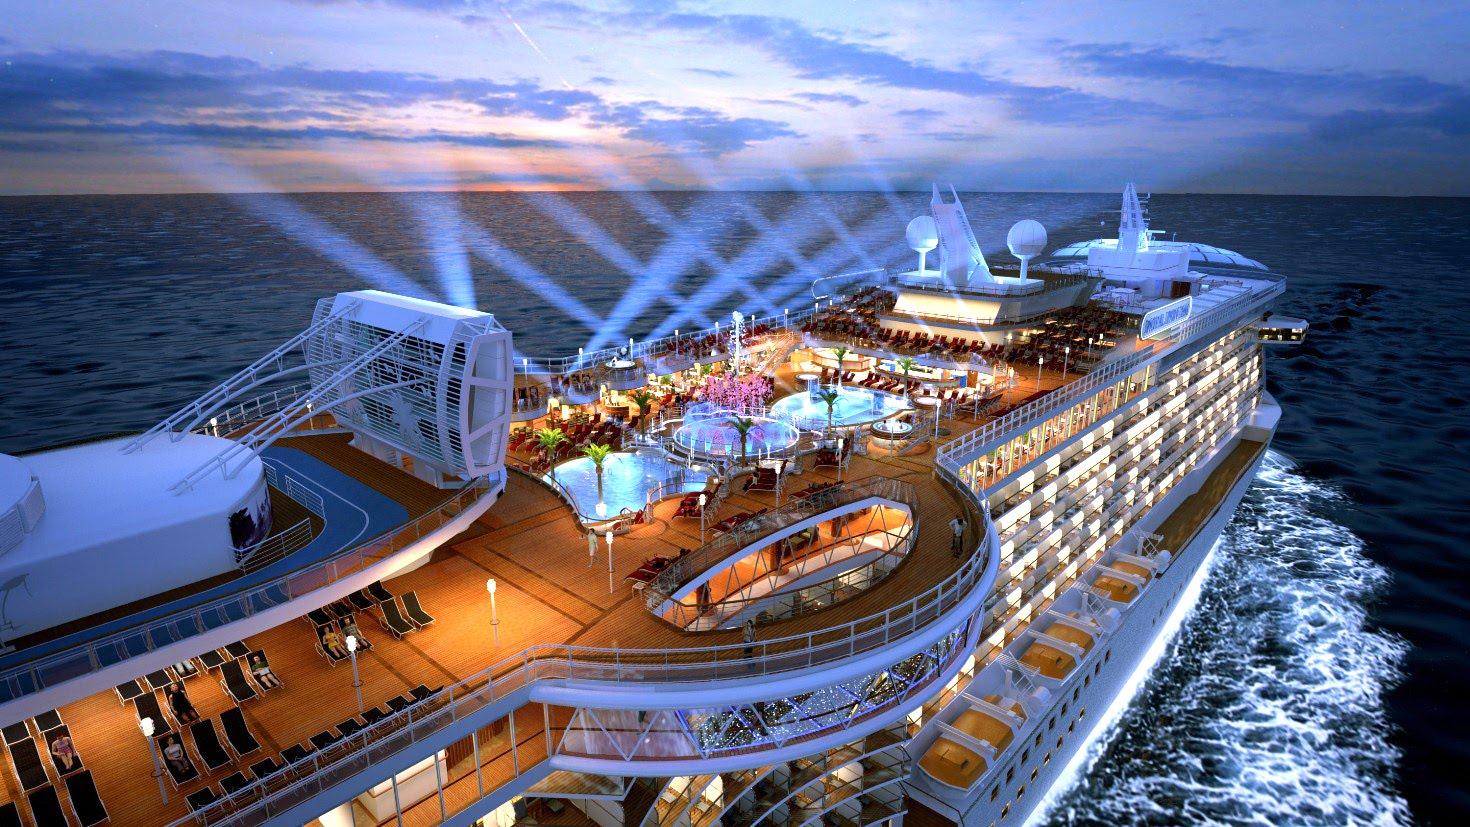 Lowongan Semua Posisi Untuk Cruise Ship